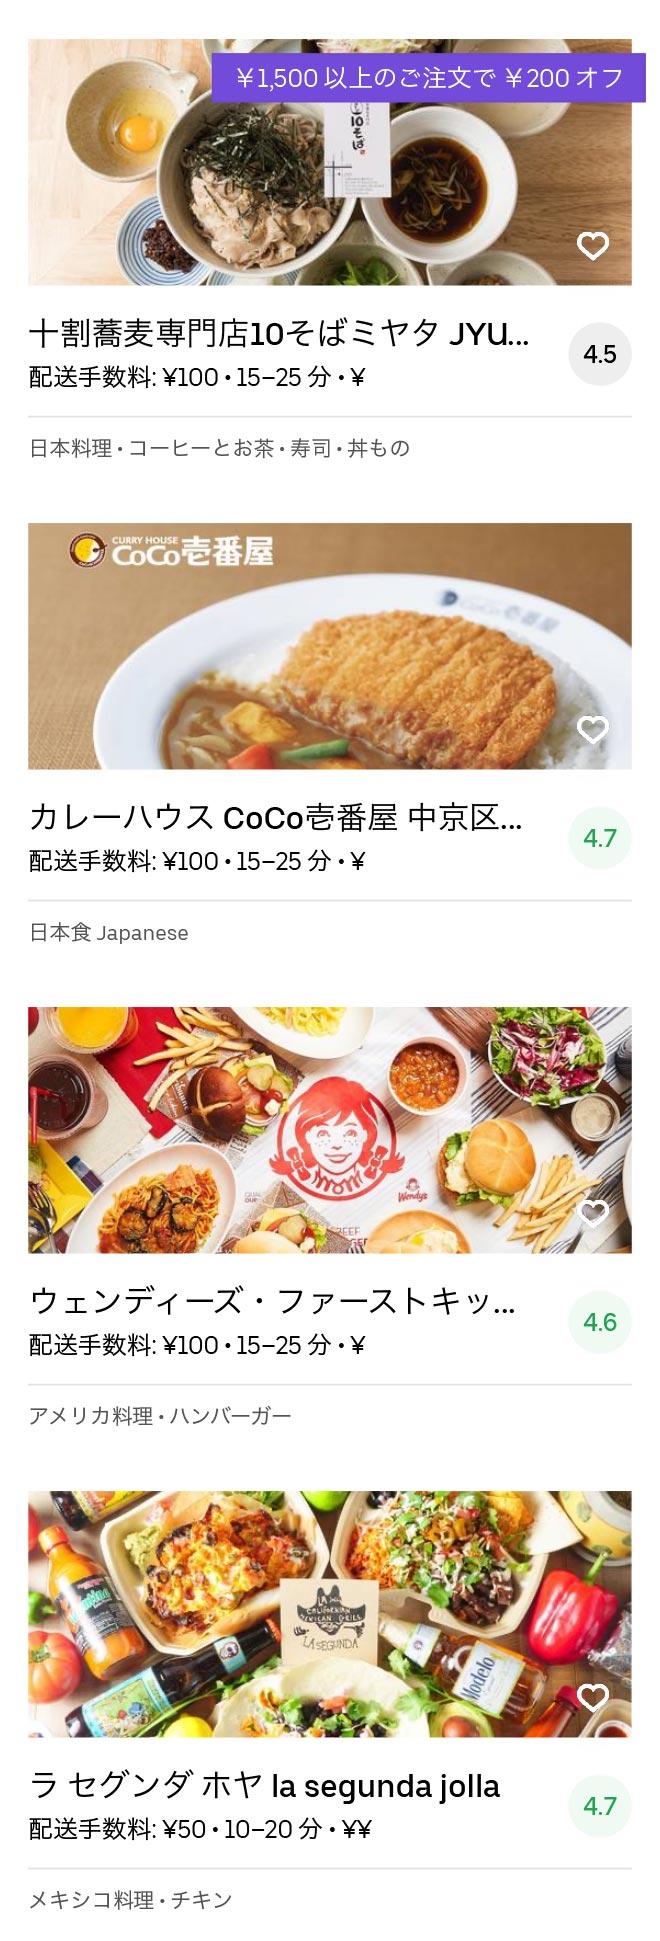 Kyoto karasuma menu 2005 10